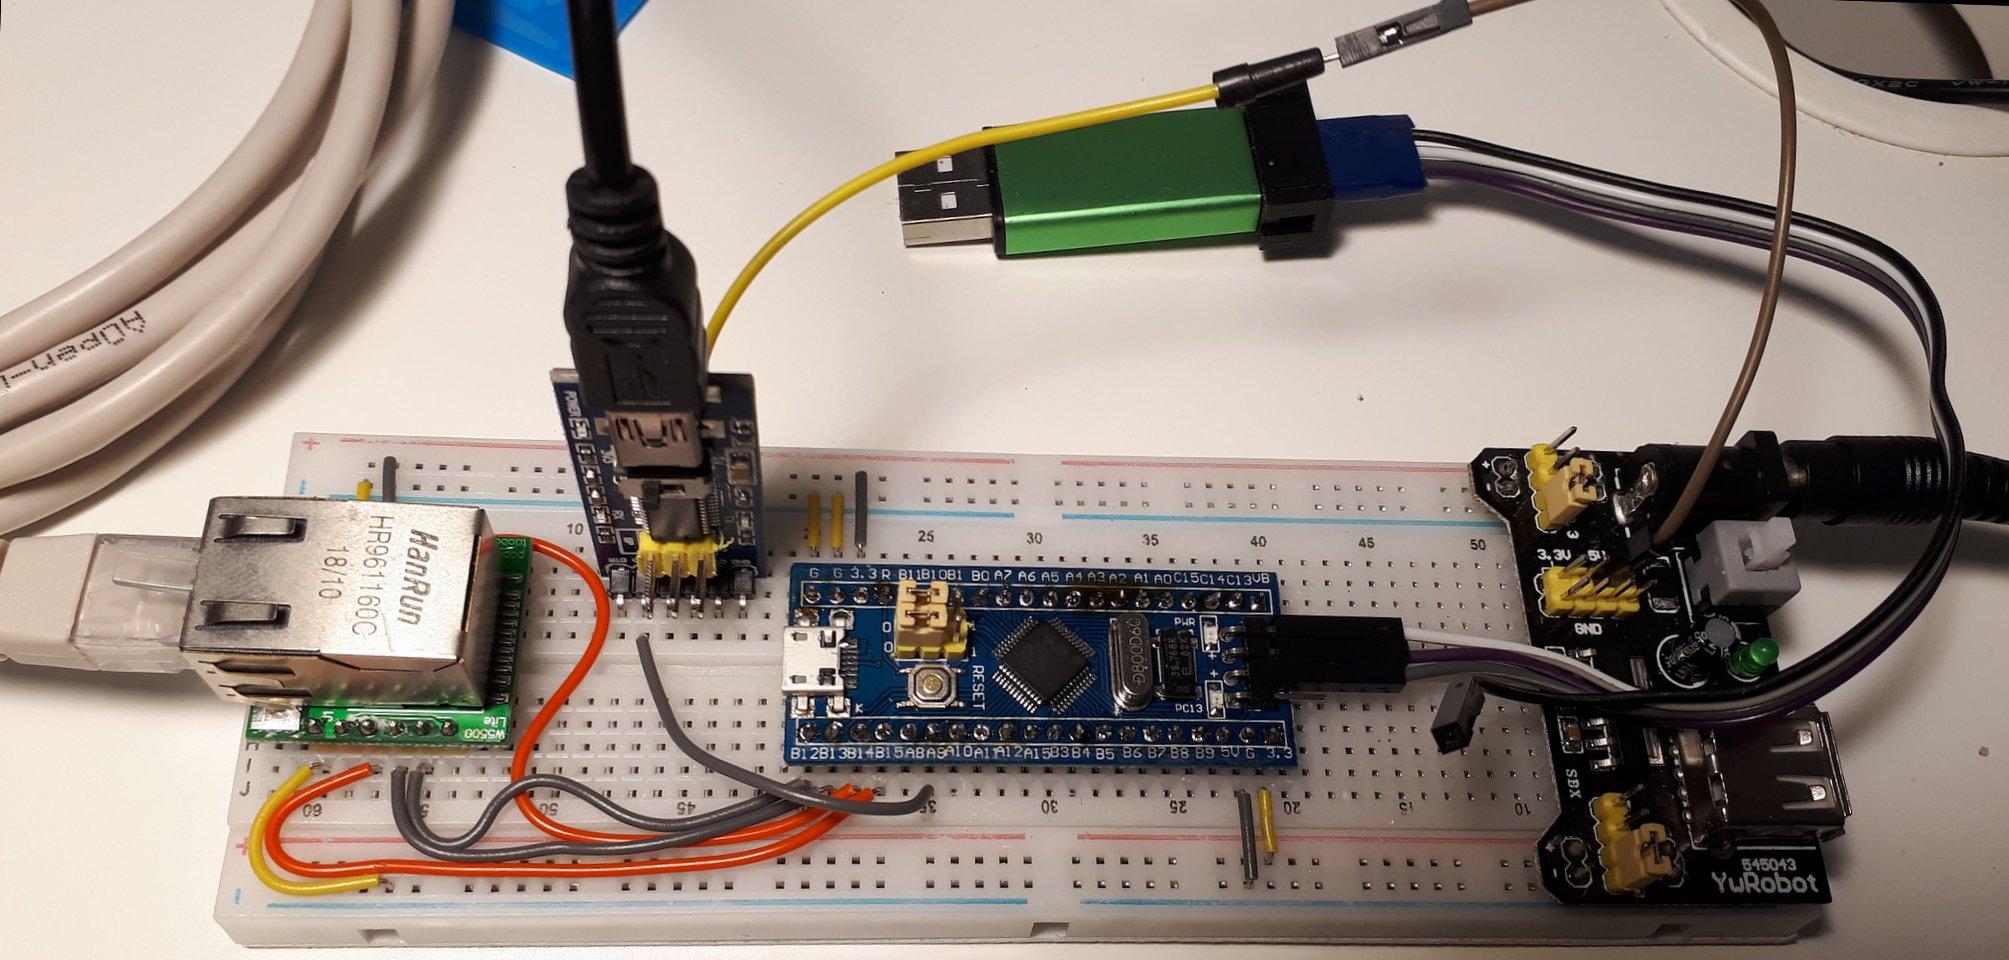 stm32, stm32f103, Ethernet, W5500